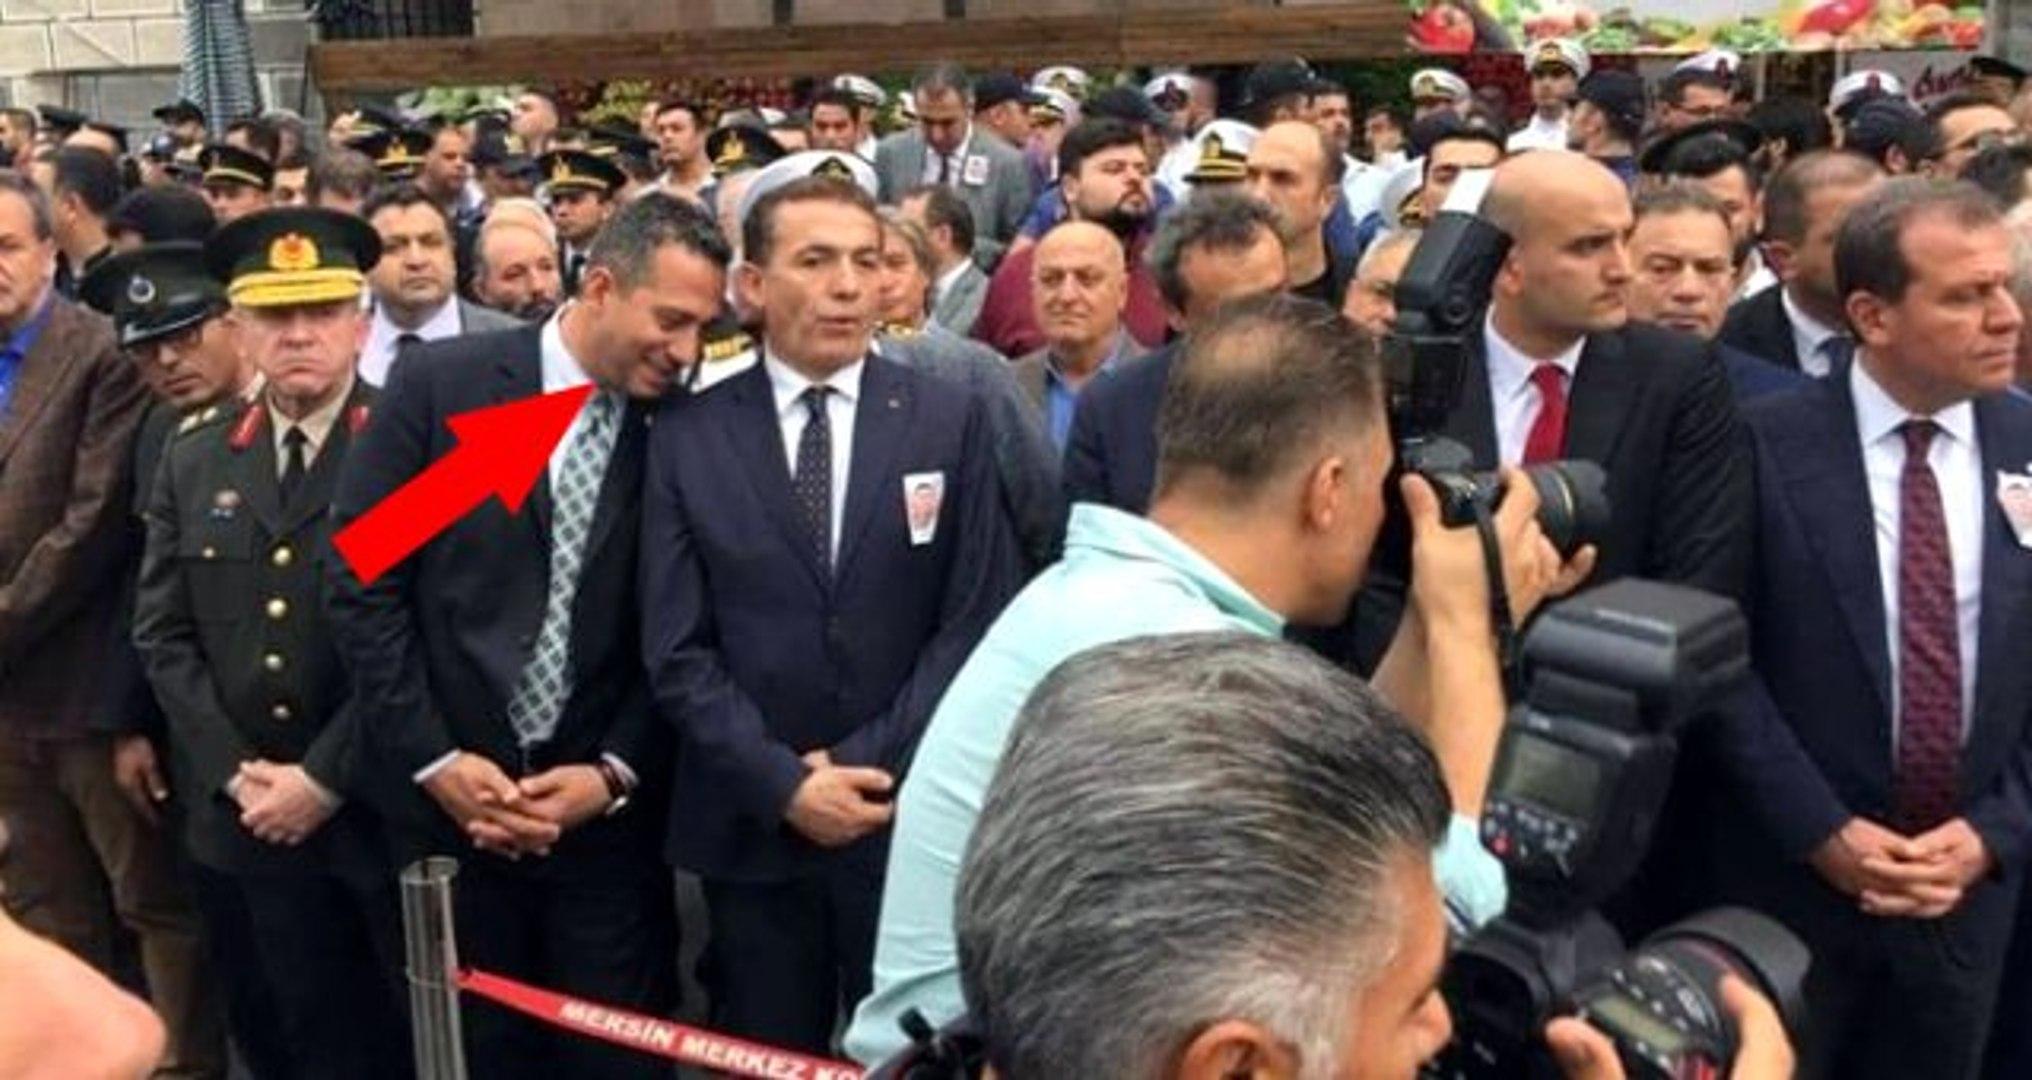 CHP'li vekilin sözleri tepki çekti! 'Ordu satıldı'